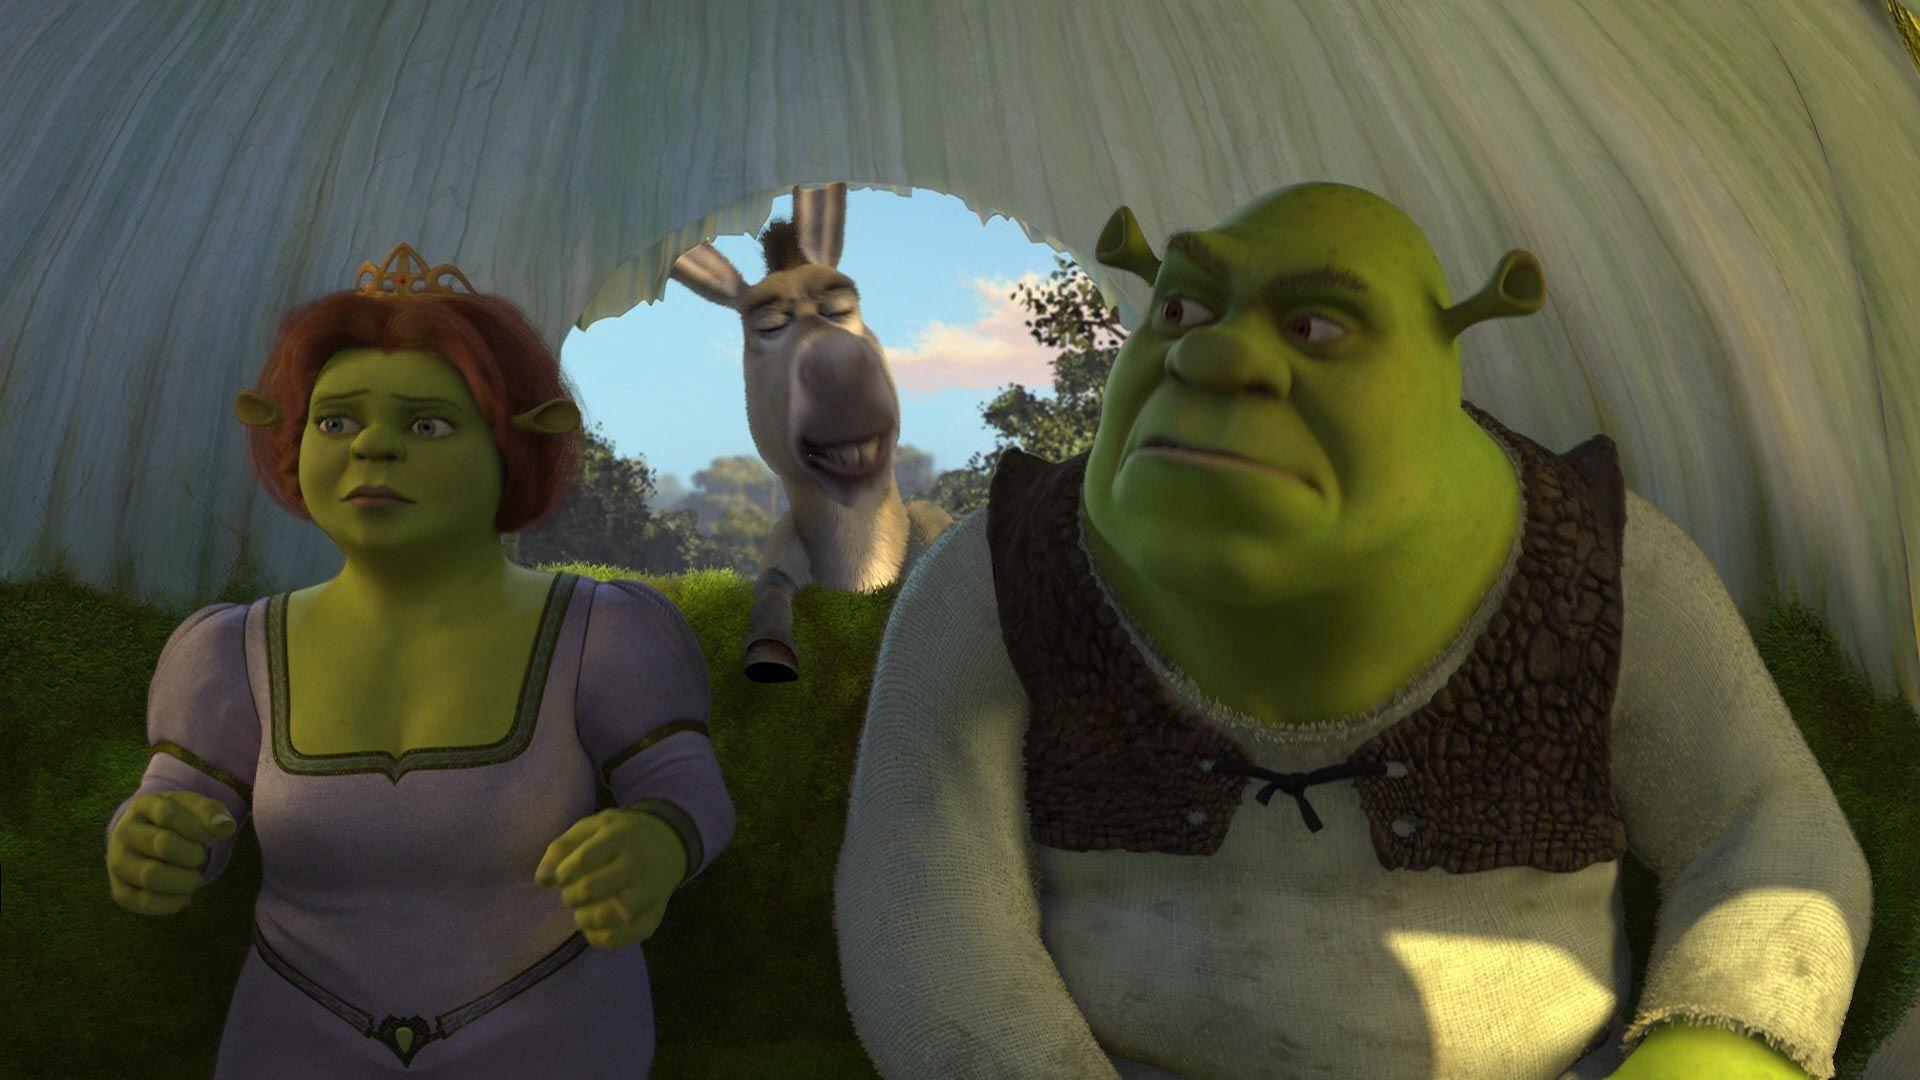 Shrek 5 release date, cast news update: Will the sequel come in 2019? |  Amor é assim, Shrek, Filmes de animação